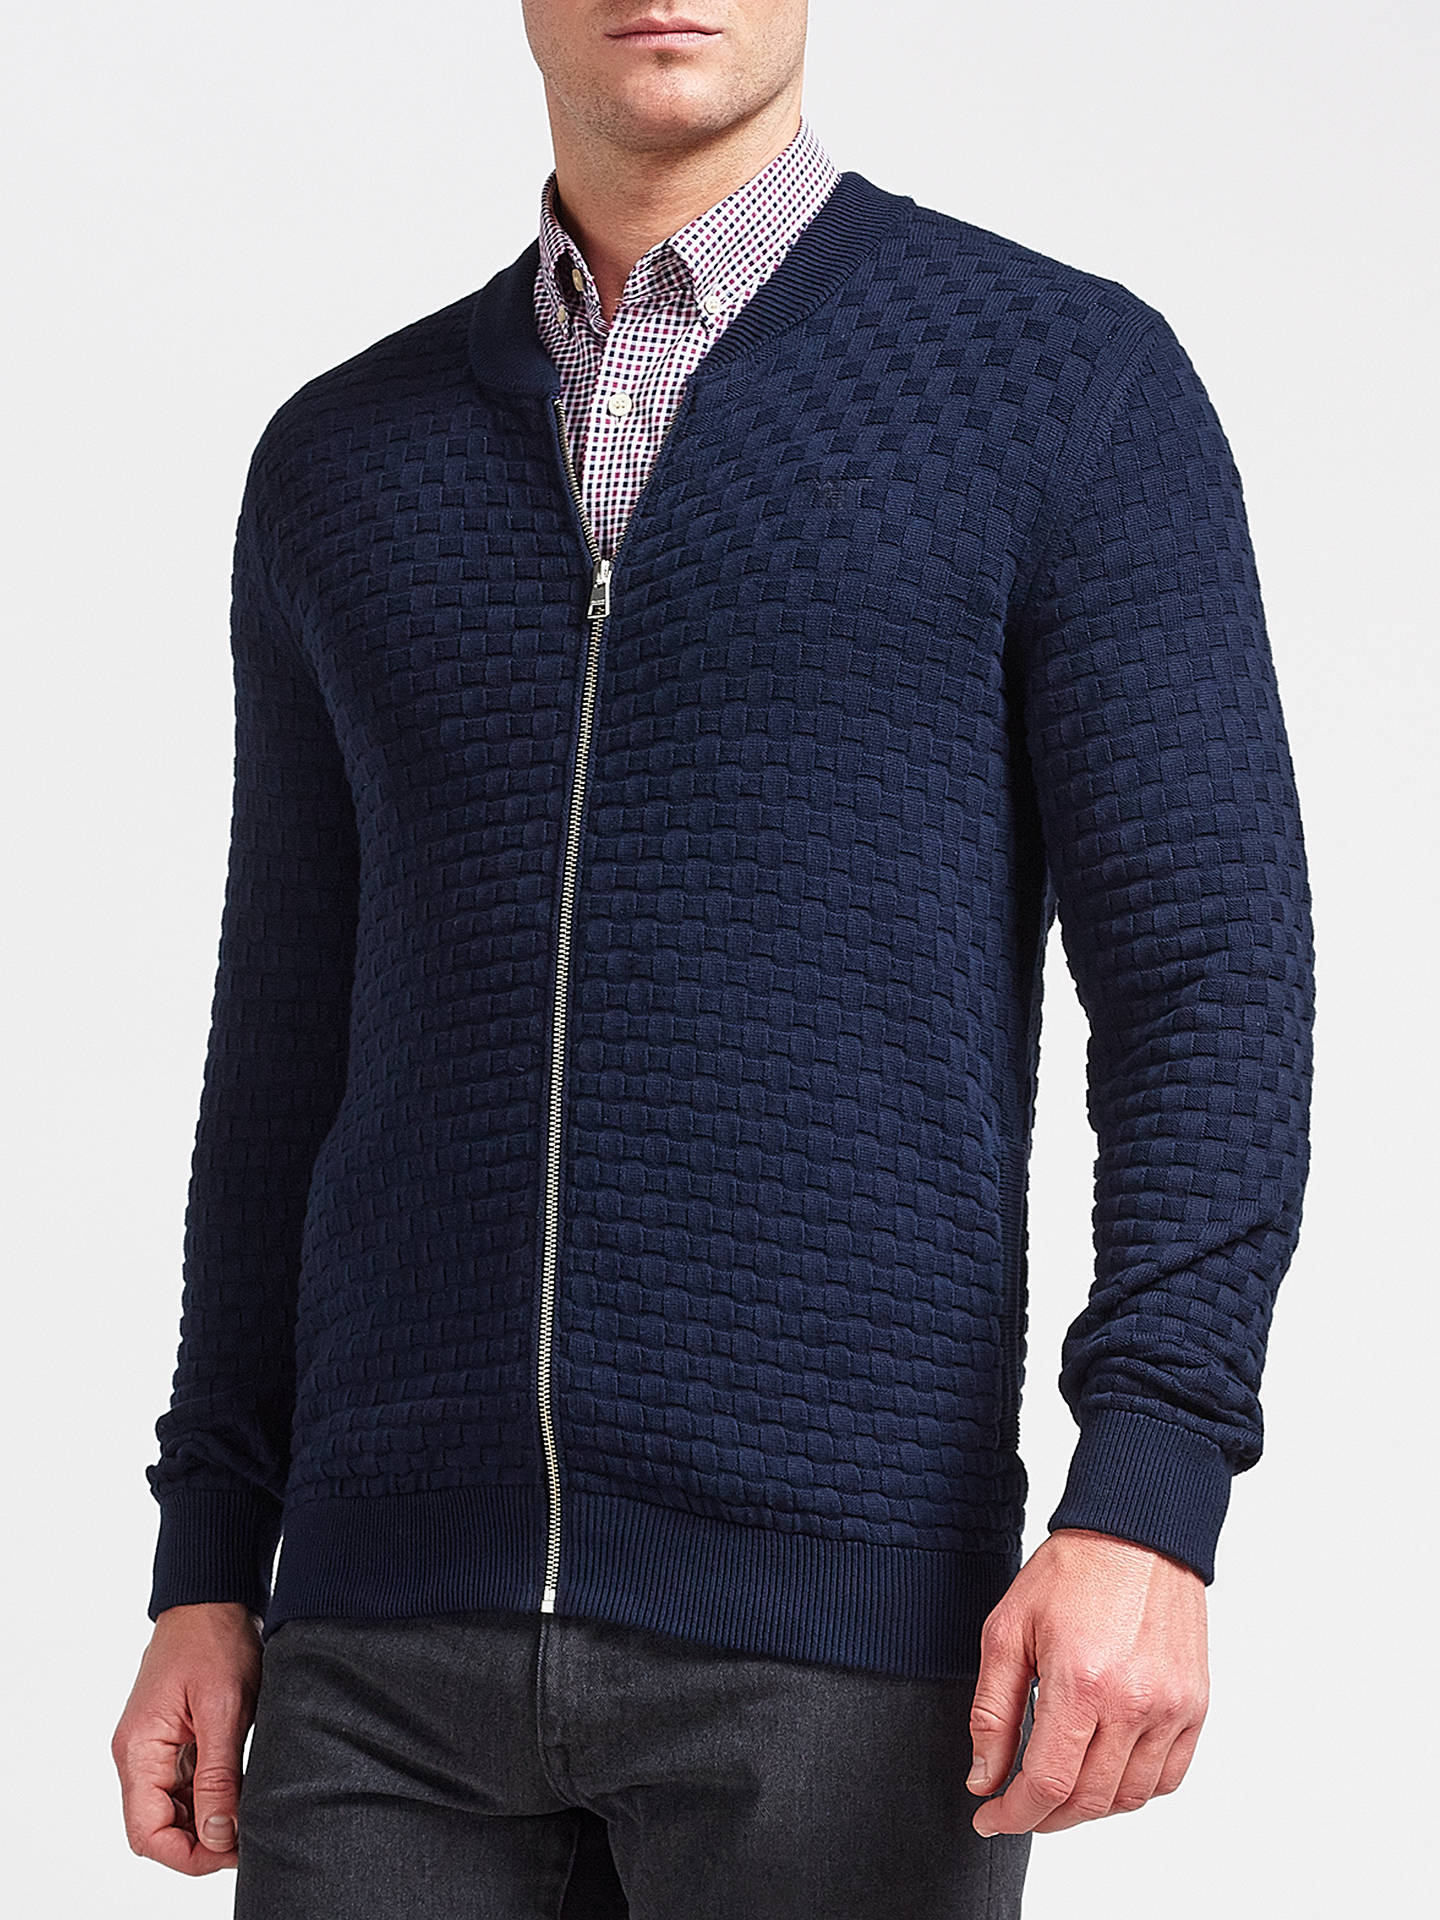 256ce3d074c Buy GANT Texture Knit Jacket, Navy, M Online at johnlewis.com ...